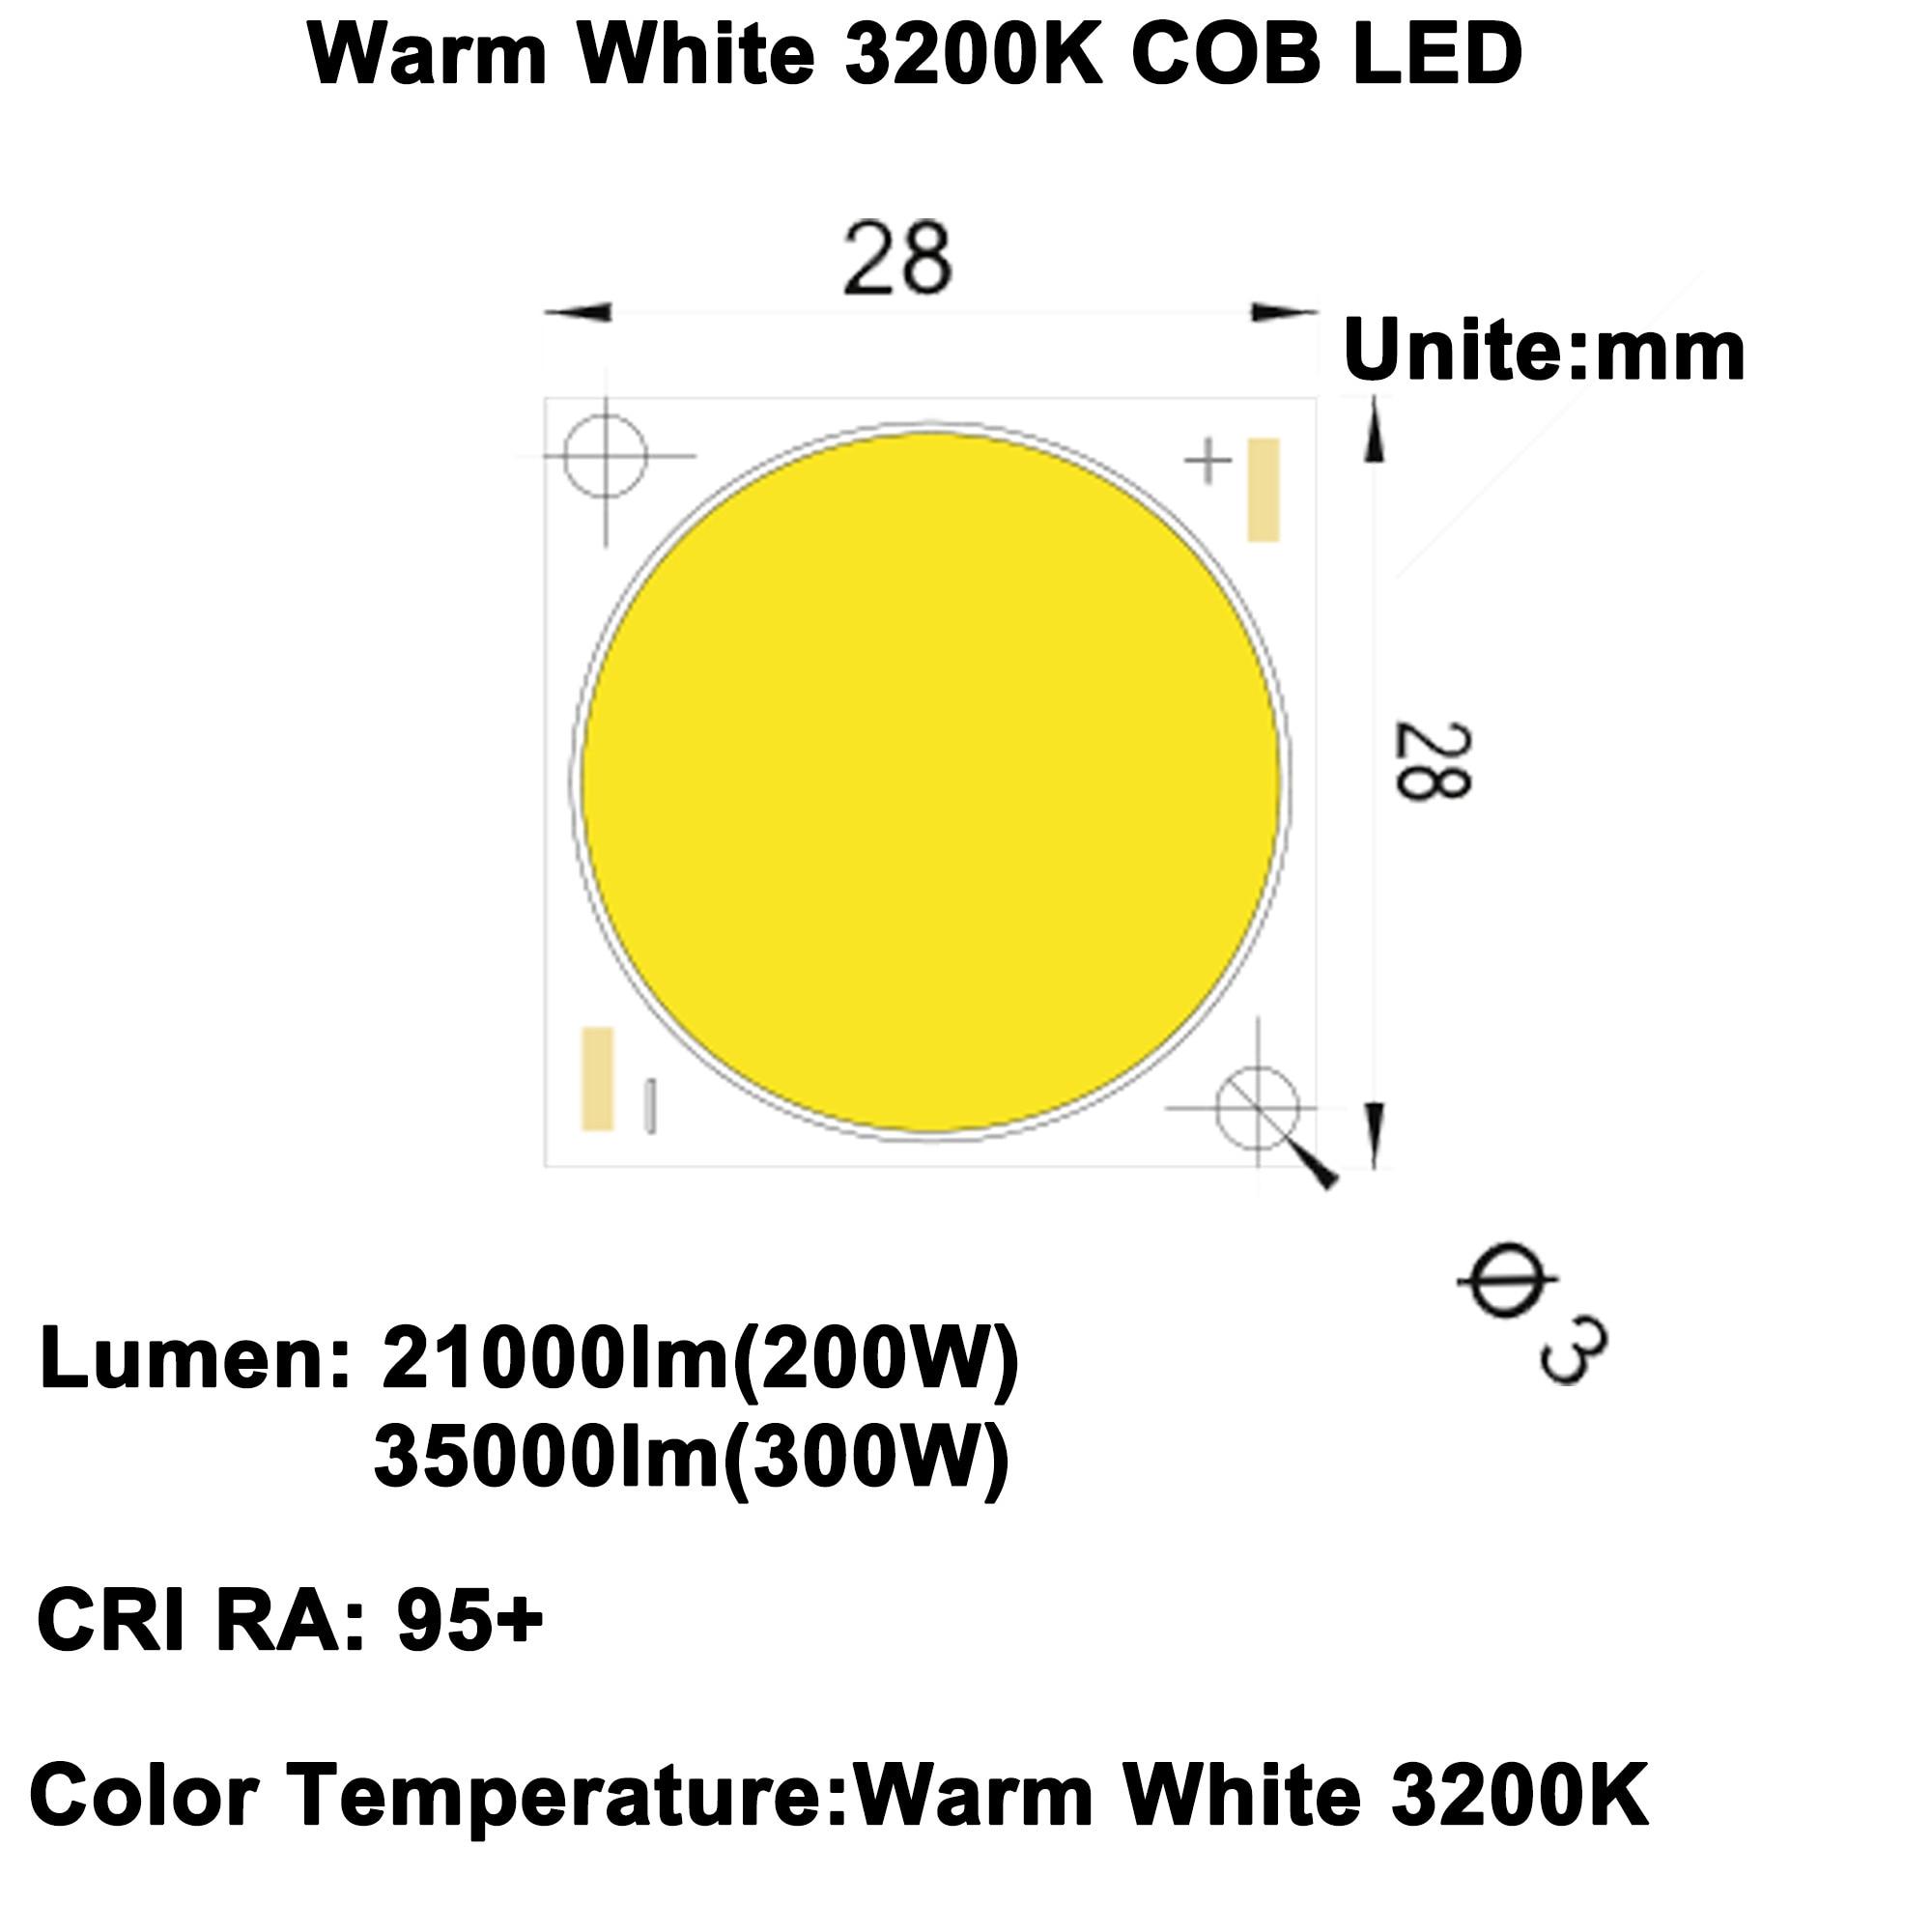 MARSWAL LED CRI RA 95 + haute densité de puissance 200W COB LED blanc chaud 3200K DC47-52V 4.1A 21000LM pour projecteur de lumière d'inondation bricolage